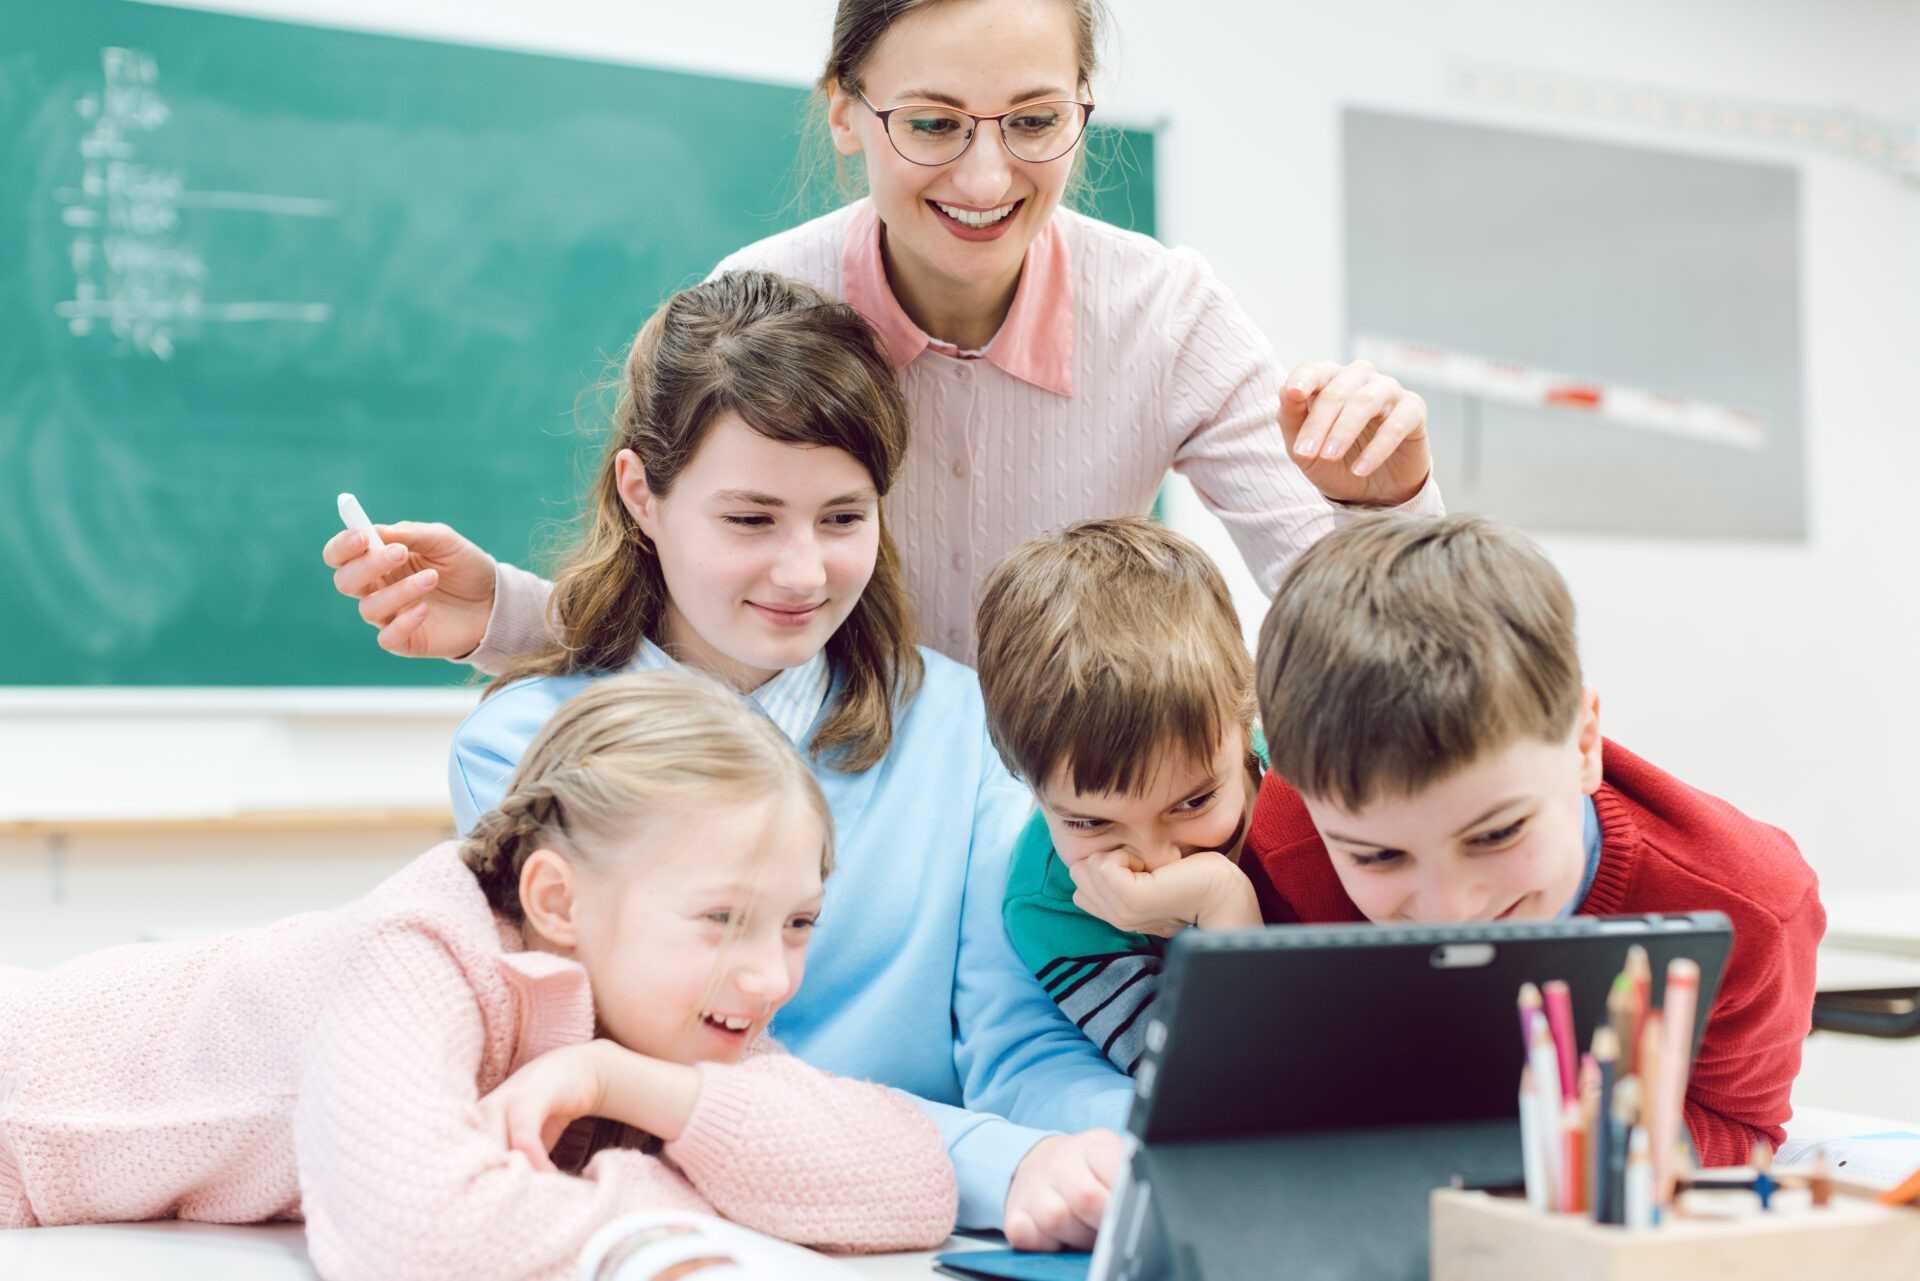 jak zachęcić dziecko do nauki